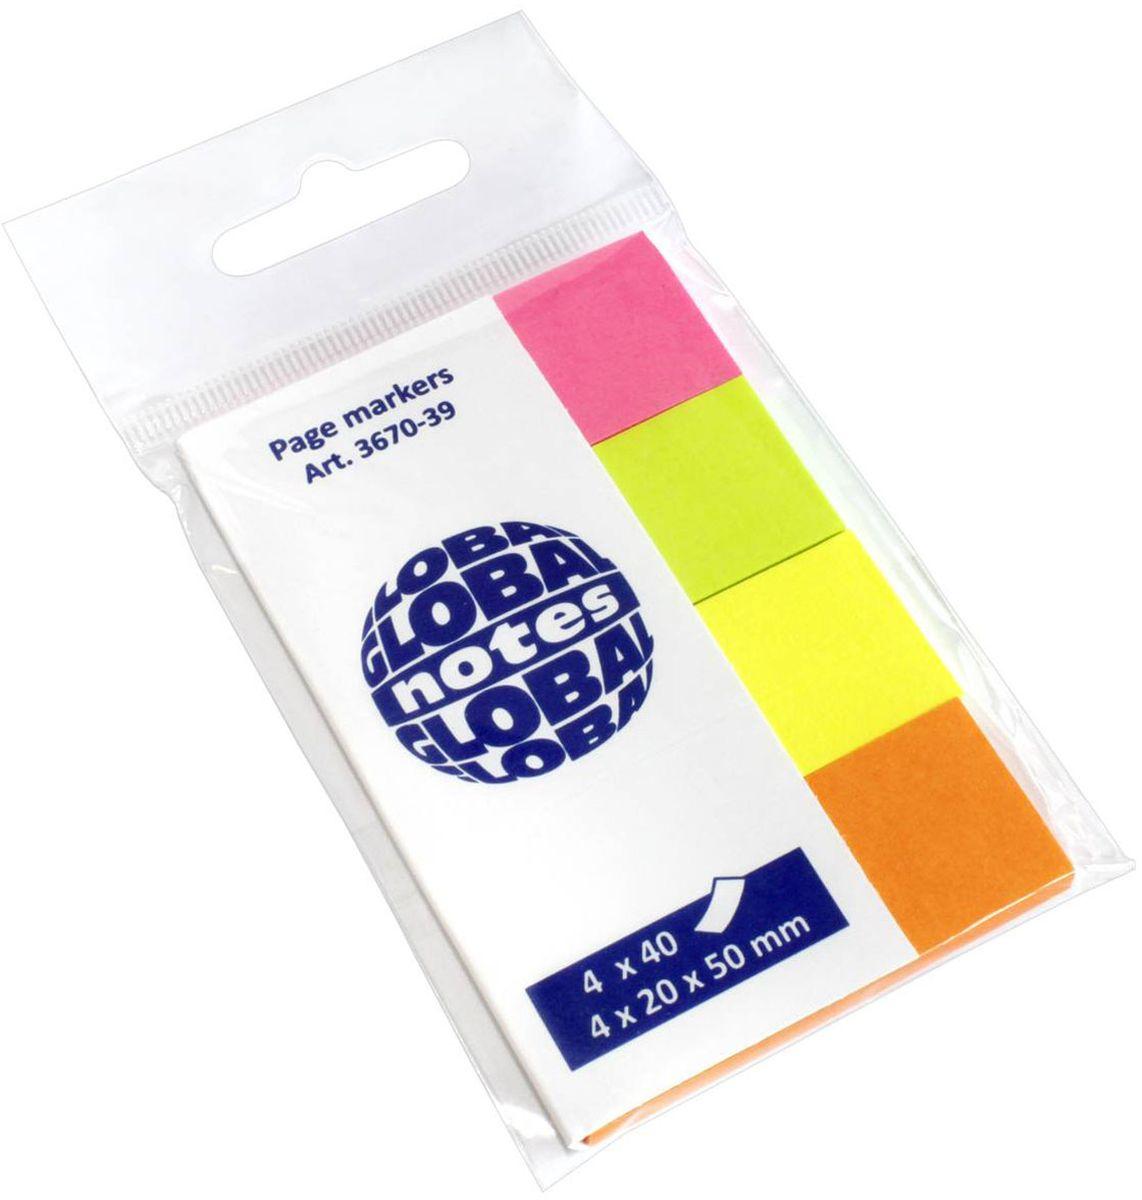 Global Notes Блок-закладка с липким слоем 160 листов 367039367039Закладки бумажные с клеевым слоем предназначены для наиболее эффективного выделения важной информации без повреждения книги или документа. Идеально подходят для быстрой и эффективной работы. 160 листов, 4 ярких цвета. Размер 20х50 мм Толщина бумаги 50 мкр.